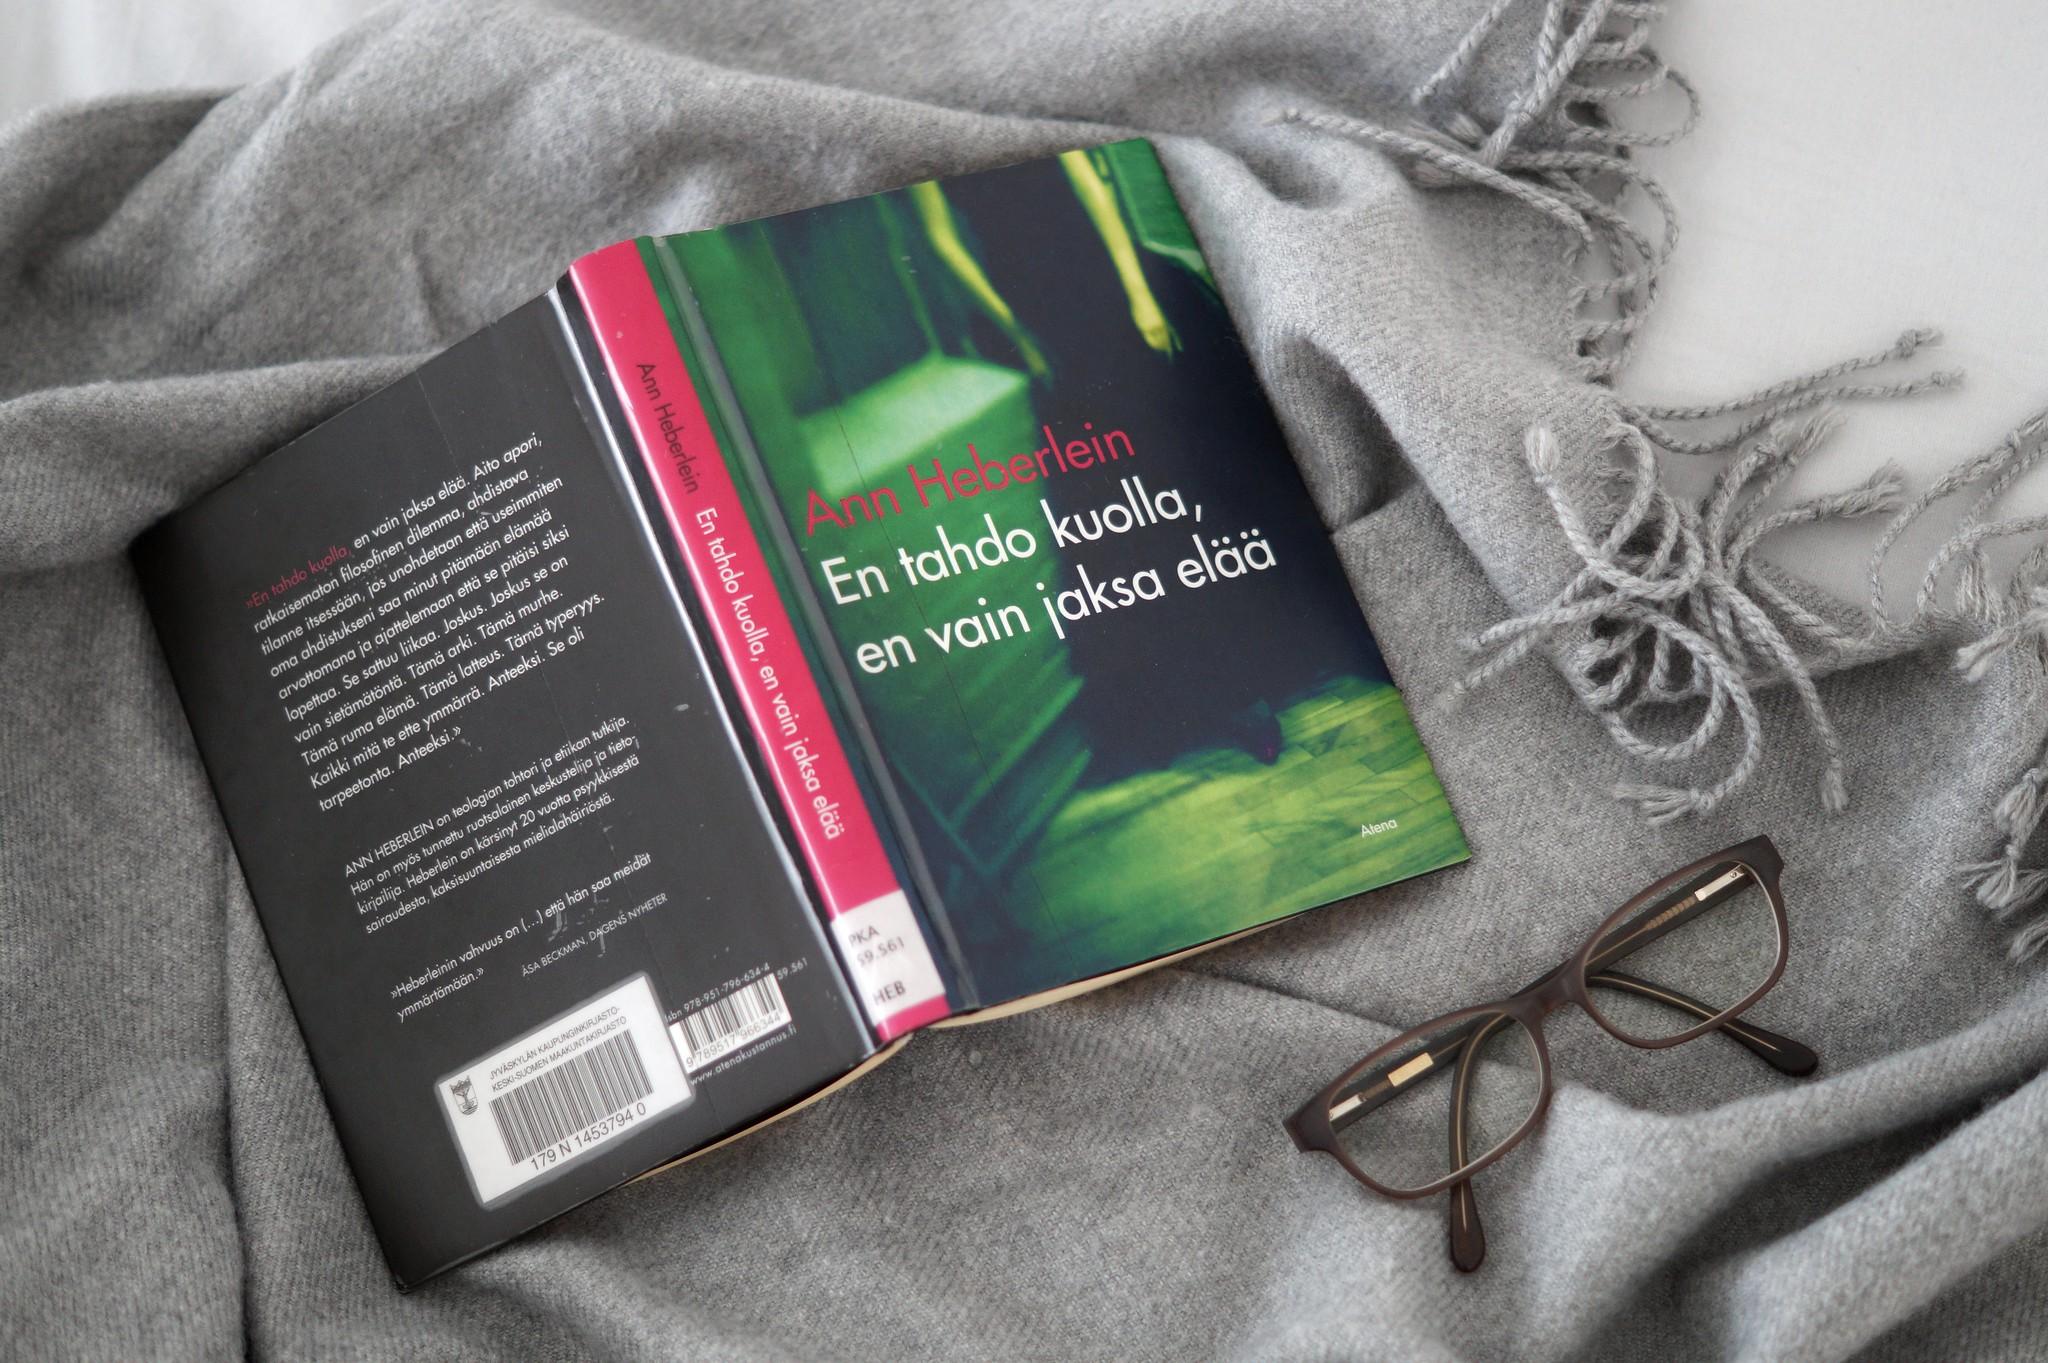 en tahdo kuolla, en vain jaksa elää kirja